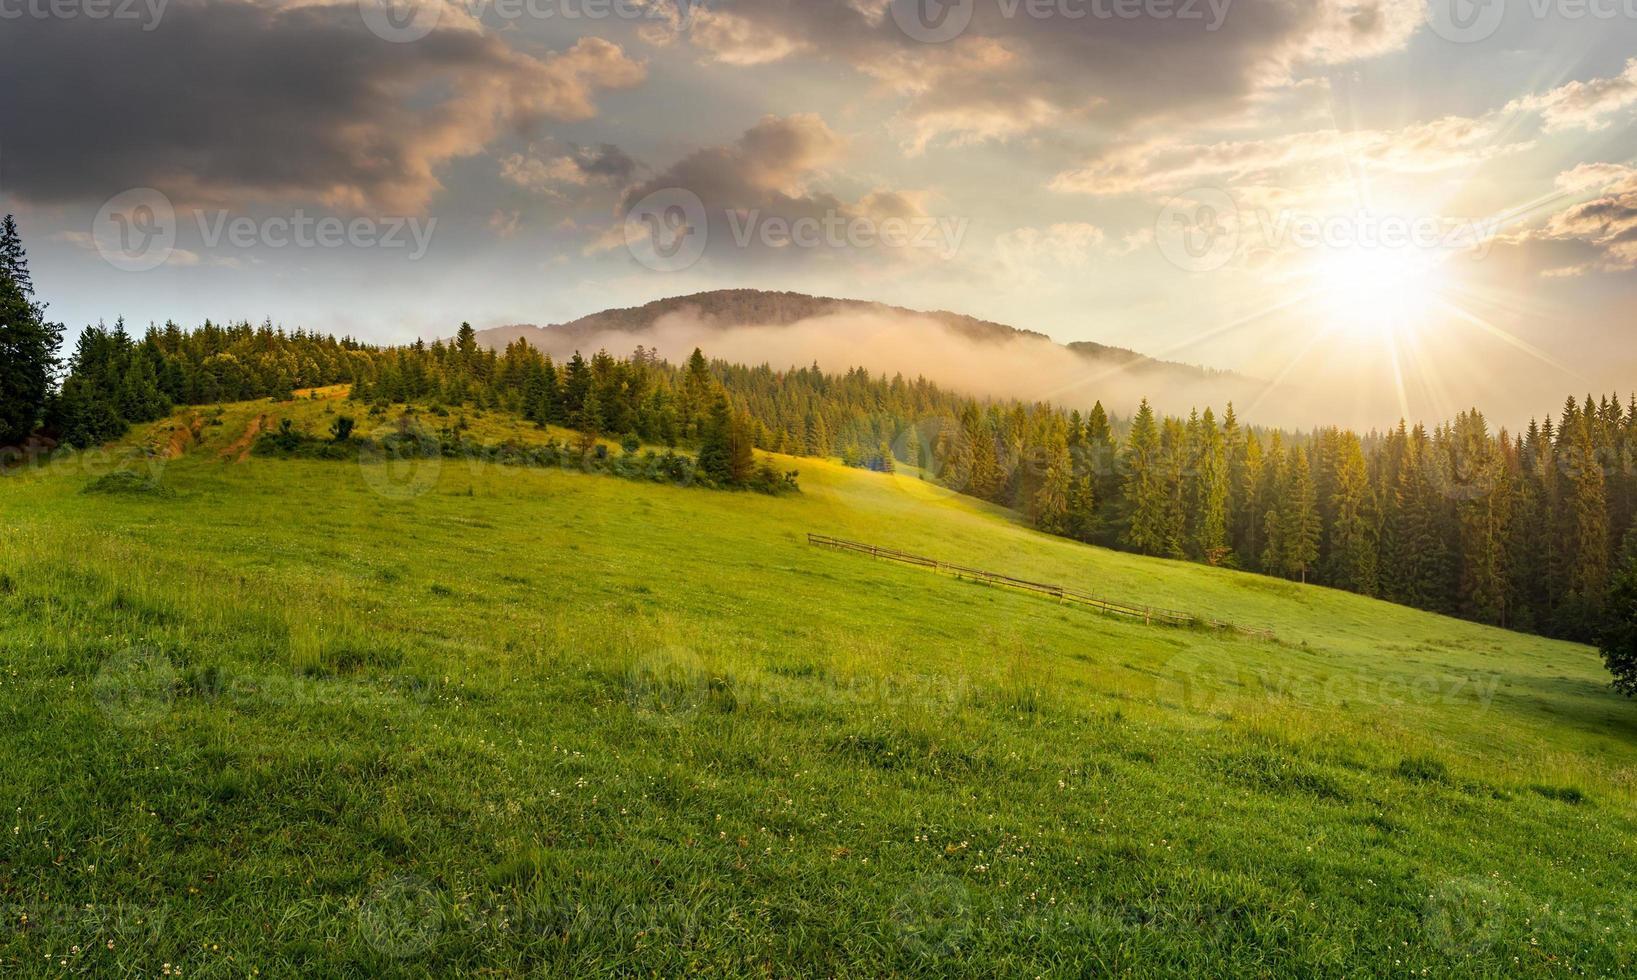 nevoeiro ao redor do topo da montanha ao pôr do sol foto